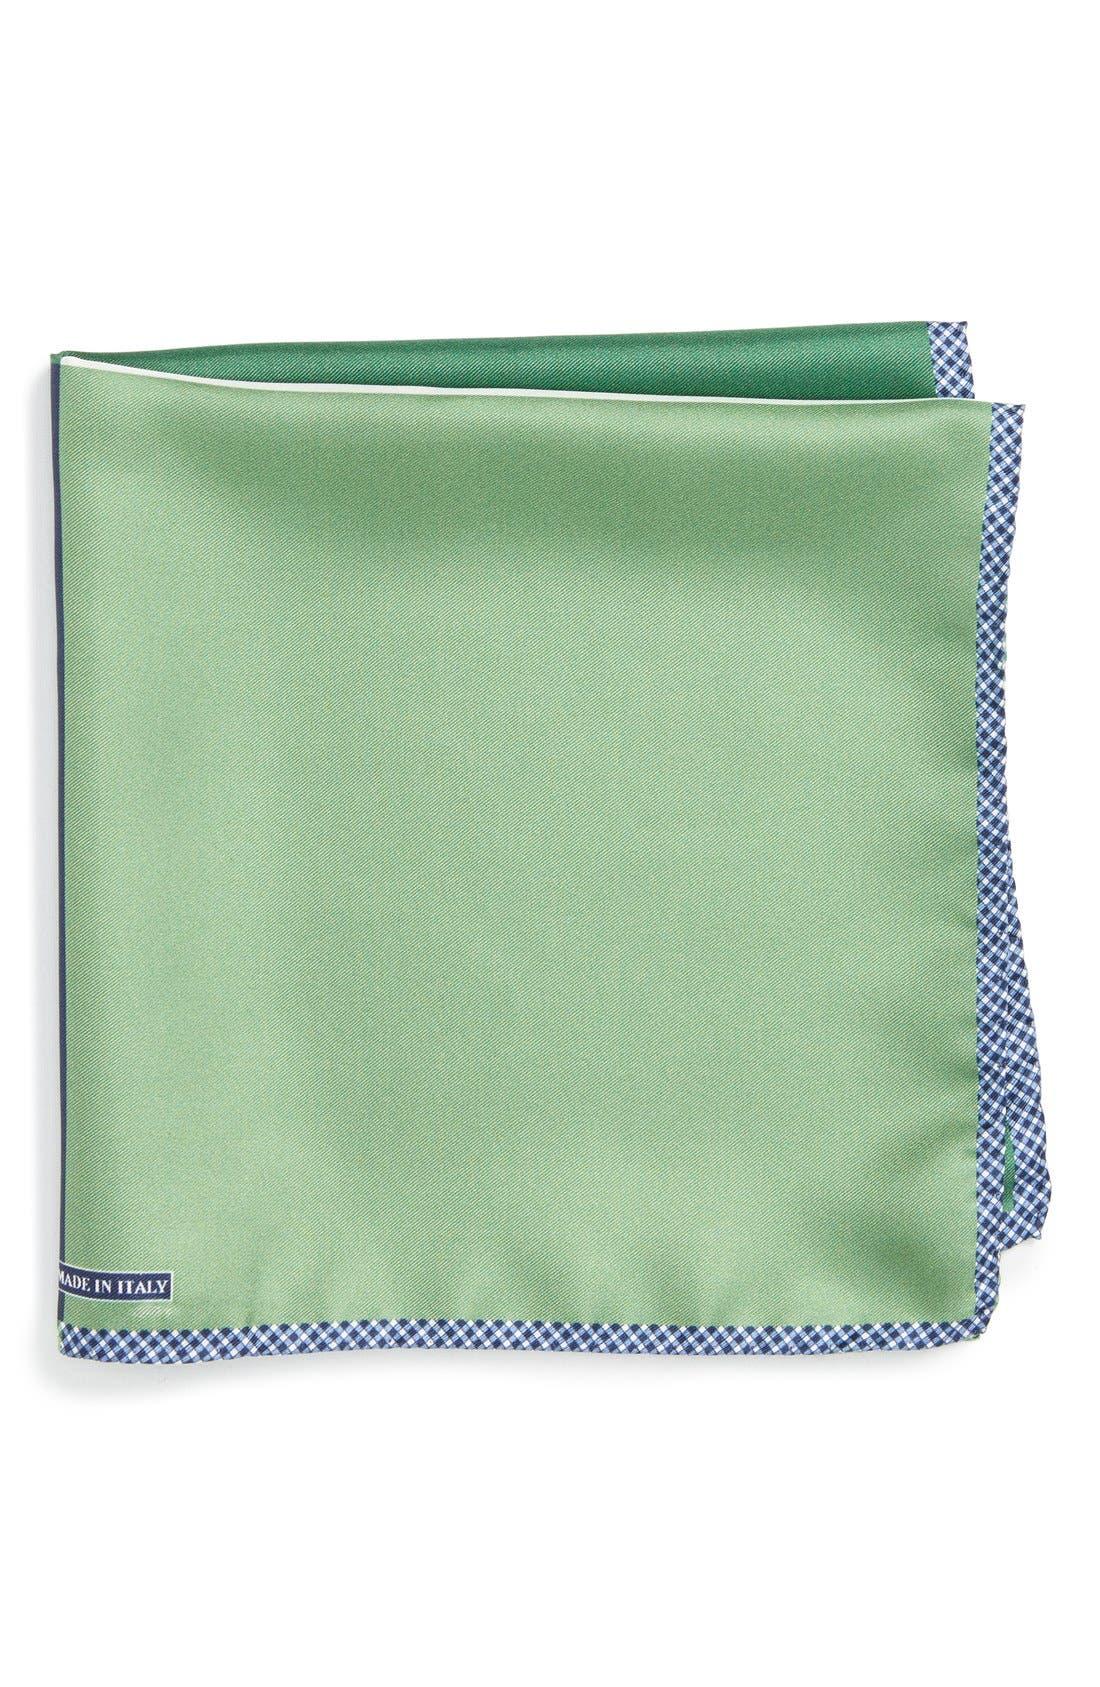 Panel Silk Pocket Square,                             Main thumbnail 1, color,                             GREEN